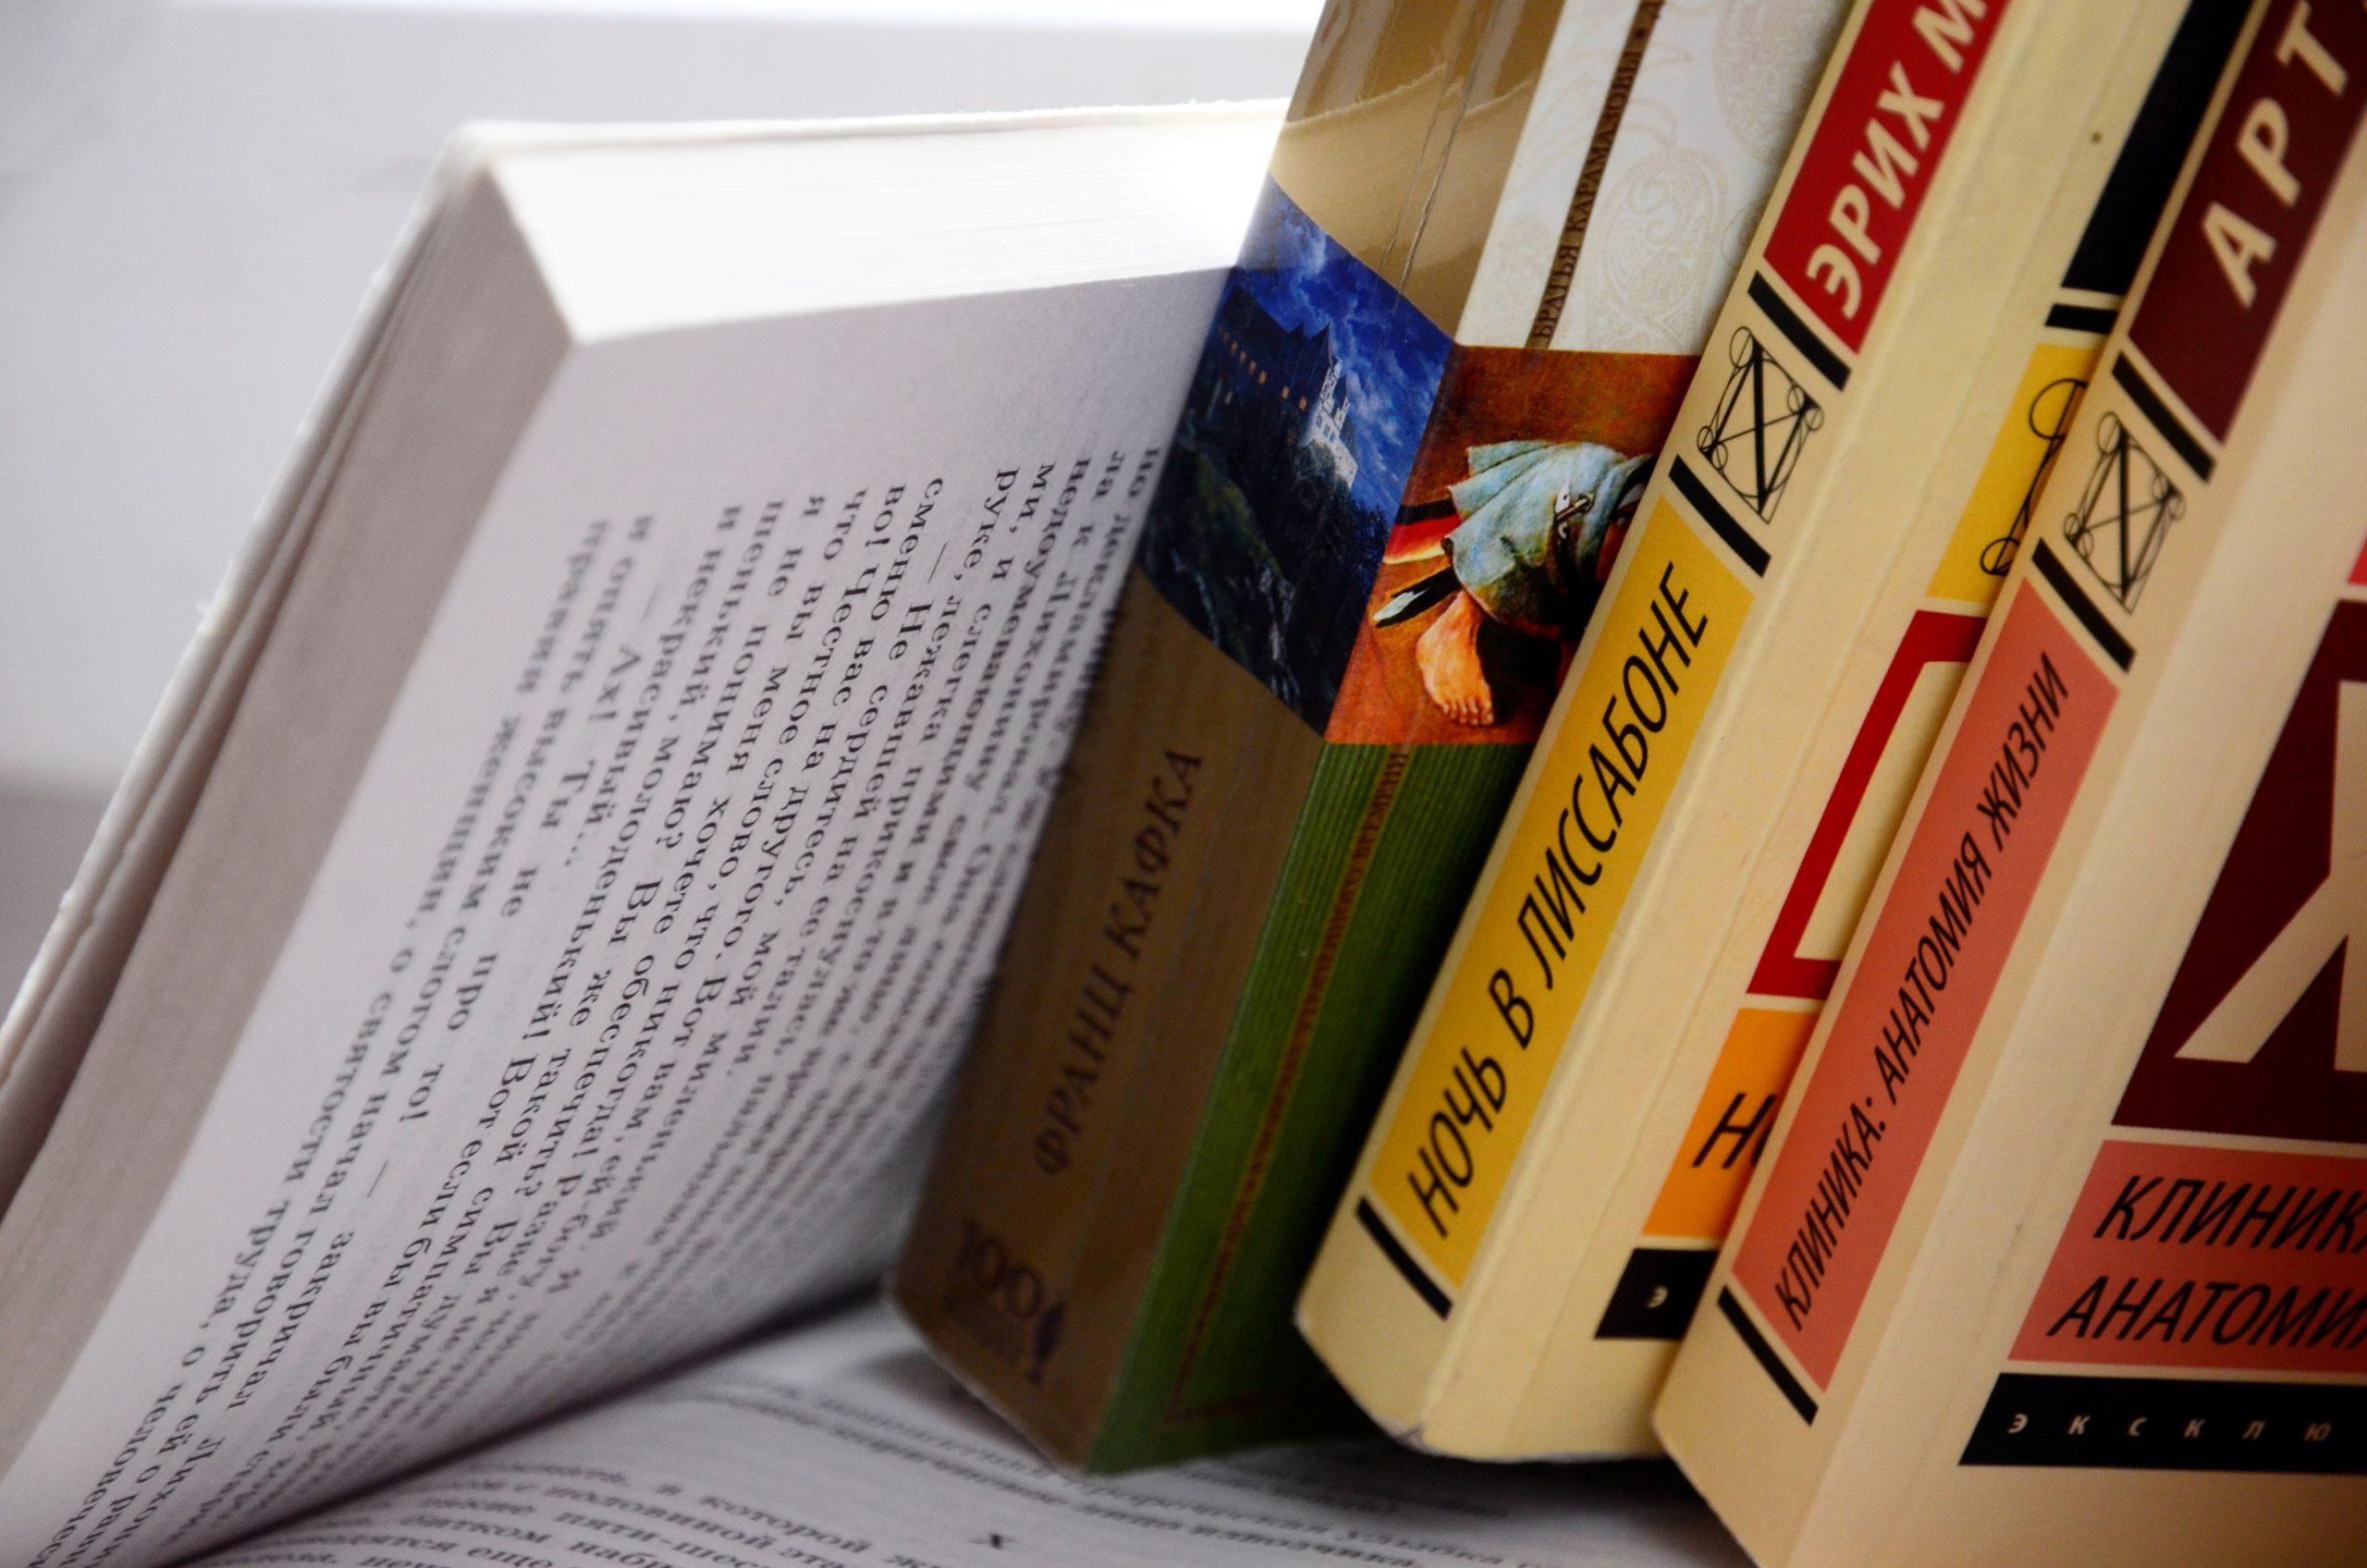 Время читать: в техникуме имени Красина организуют серию встреч